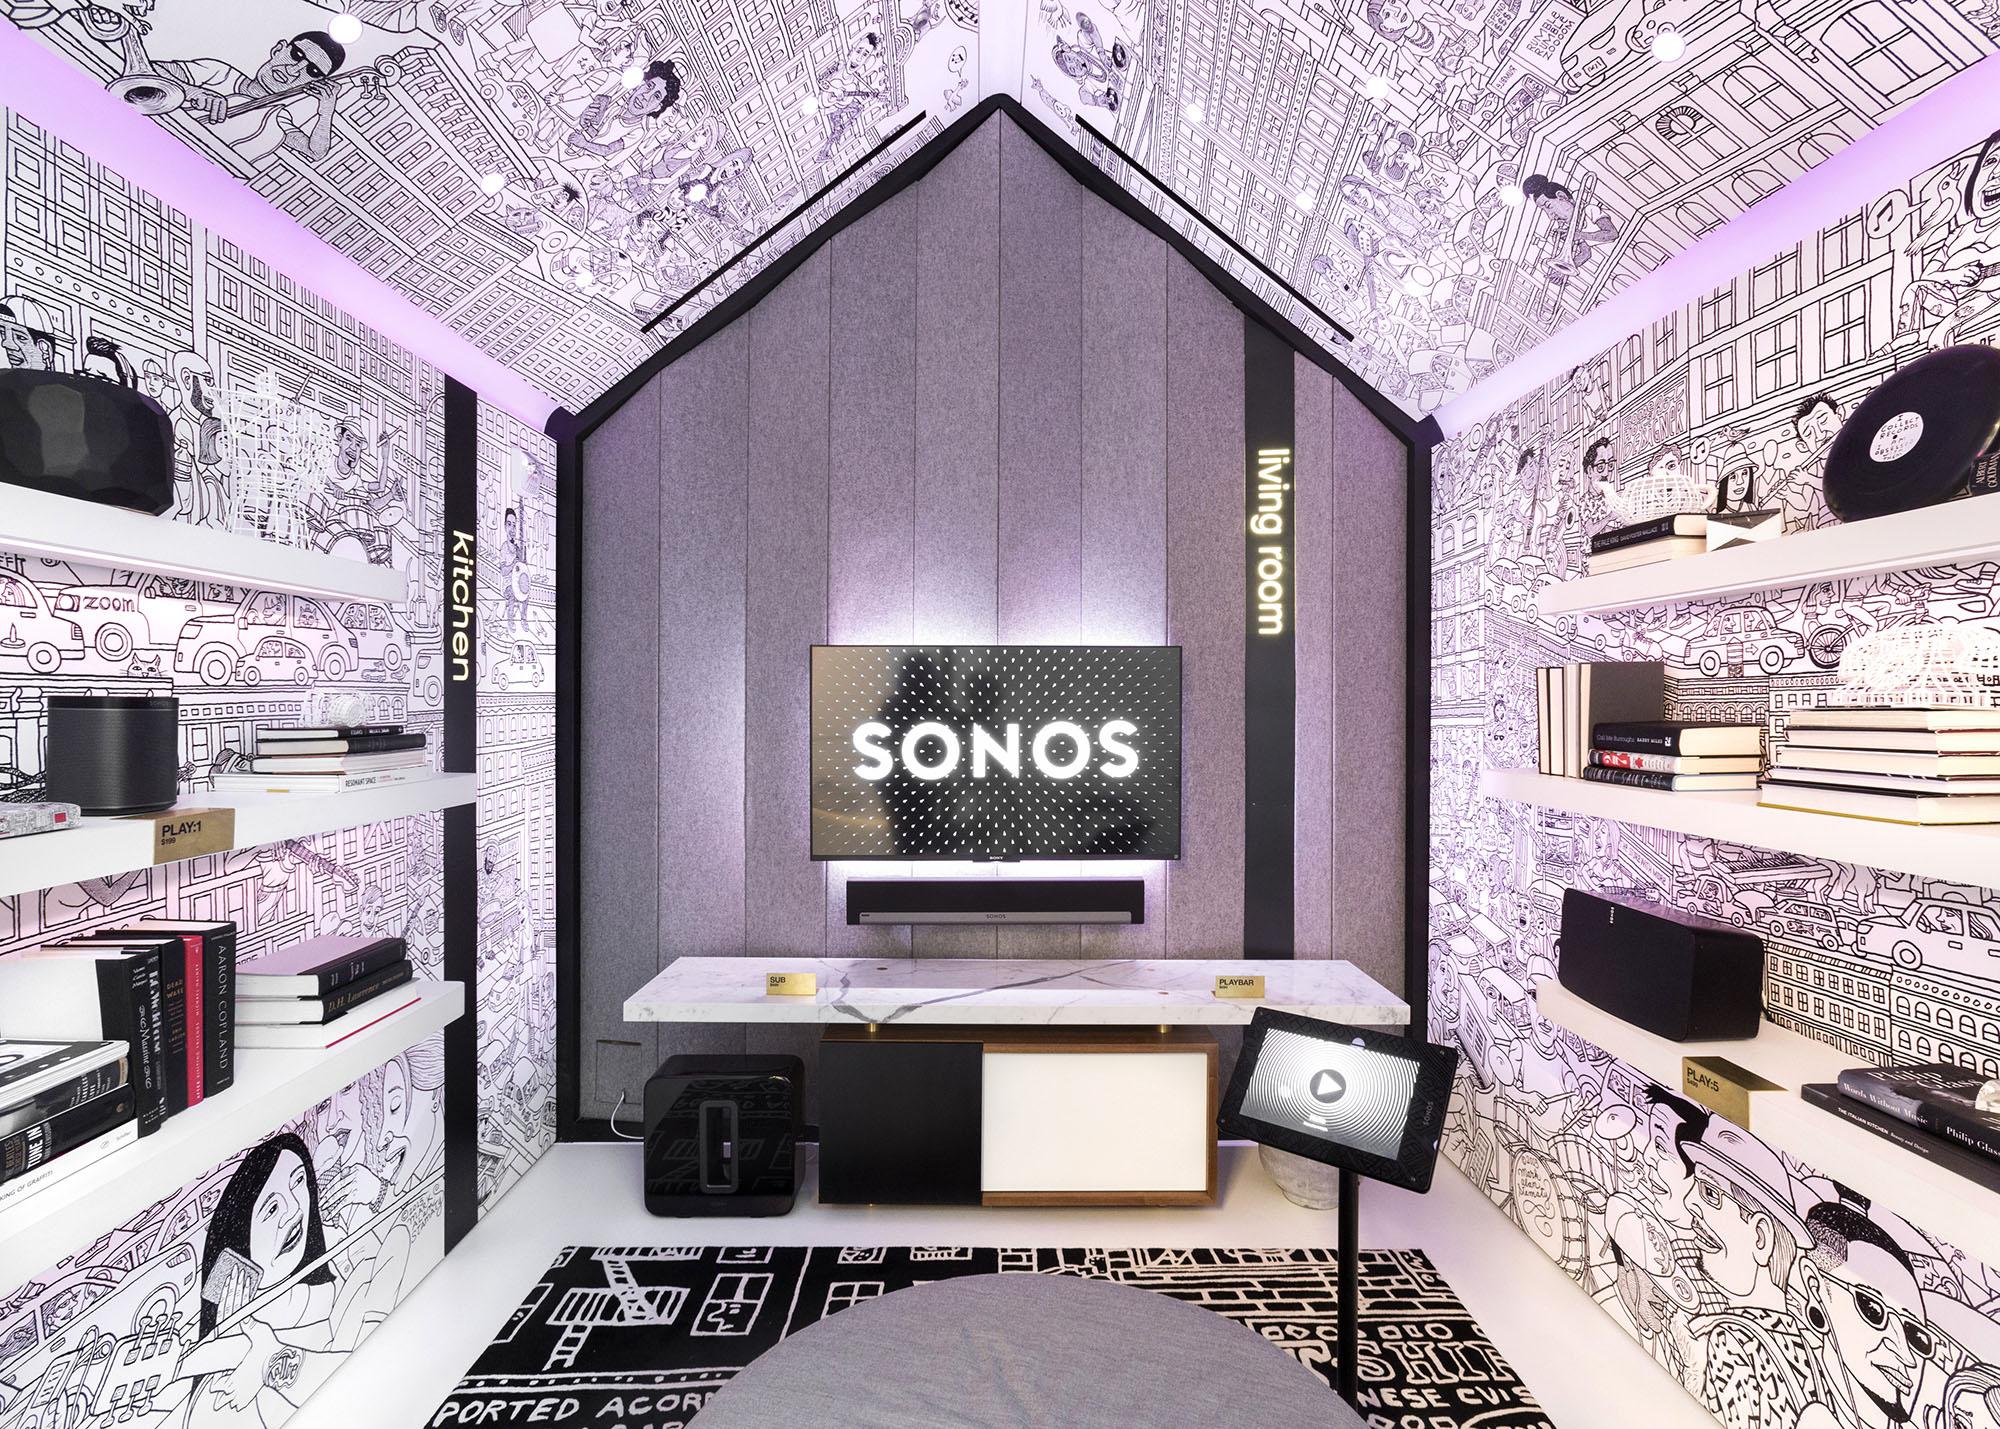 Workshop for Sonos